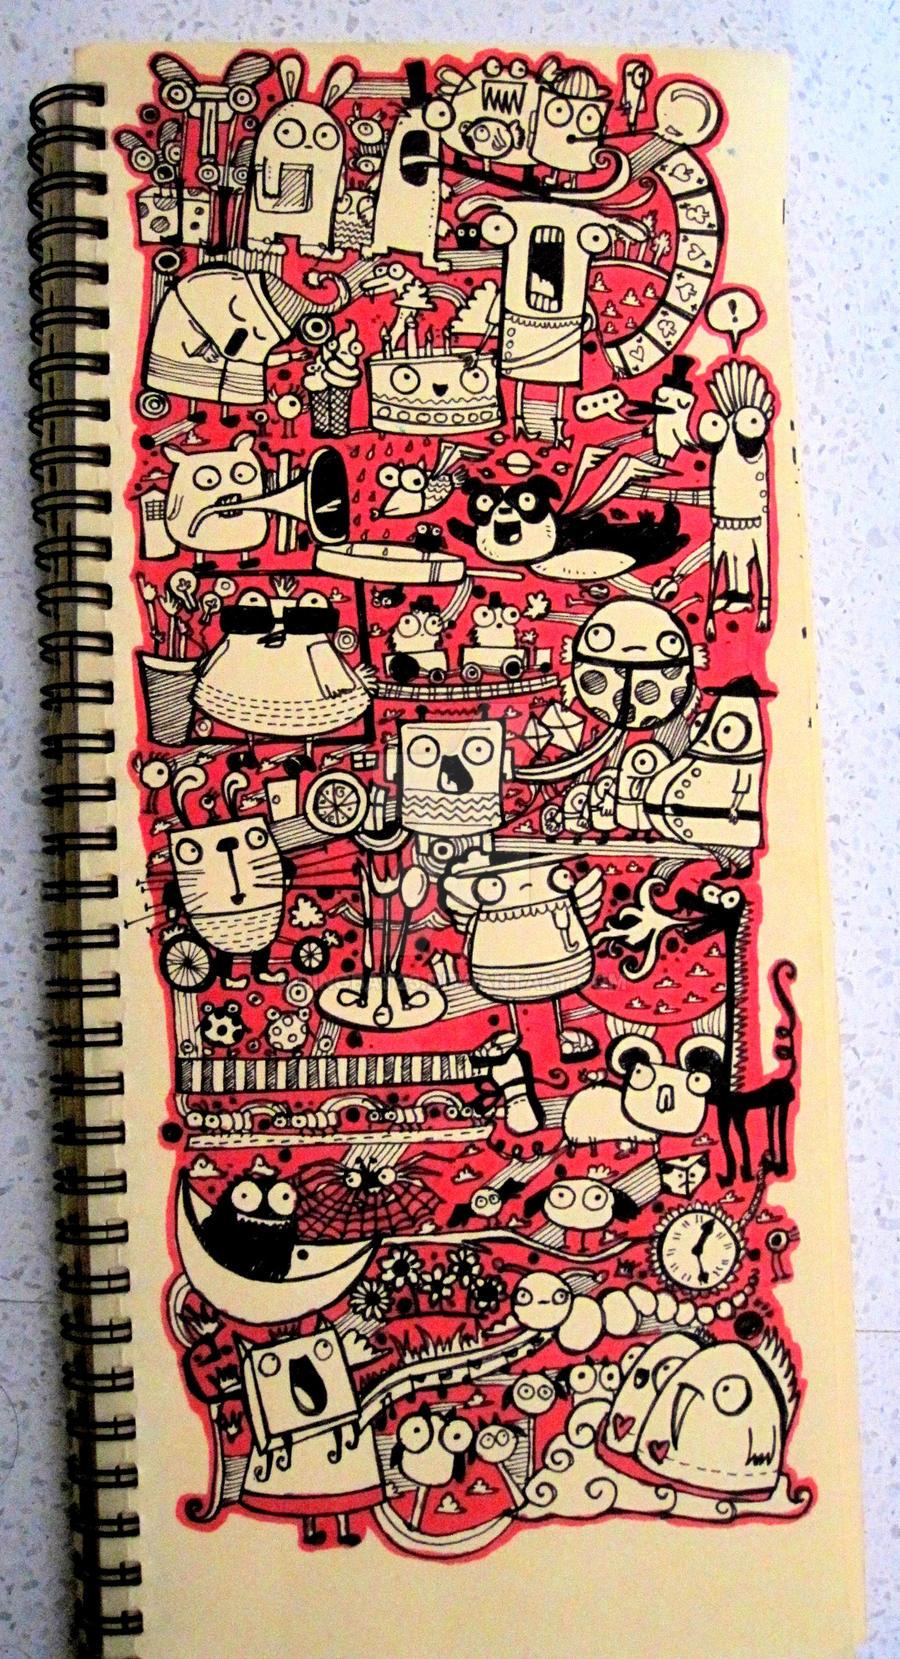 Doodle-3 by dingbat23